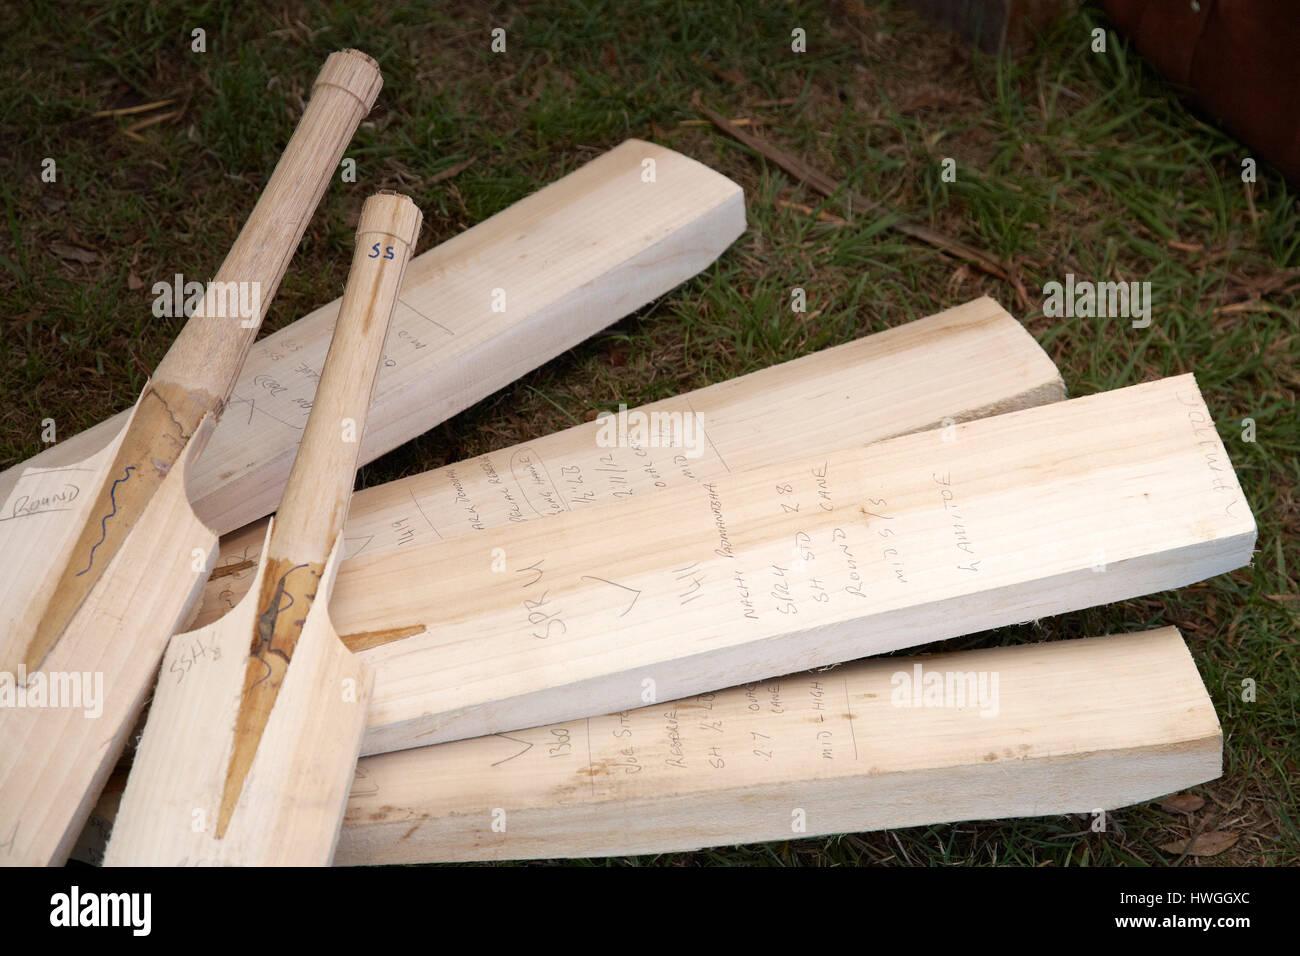 Wooden Cricket Bat Stock Photos & Wooden Cricket Bat Stock